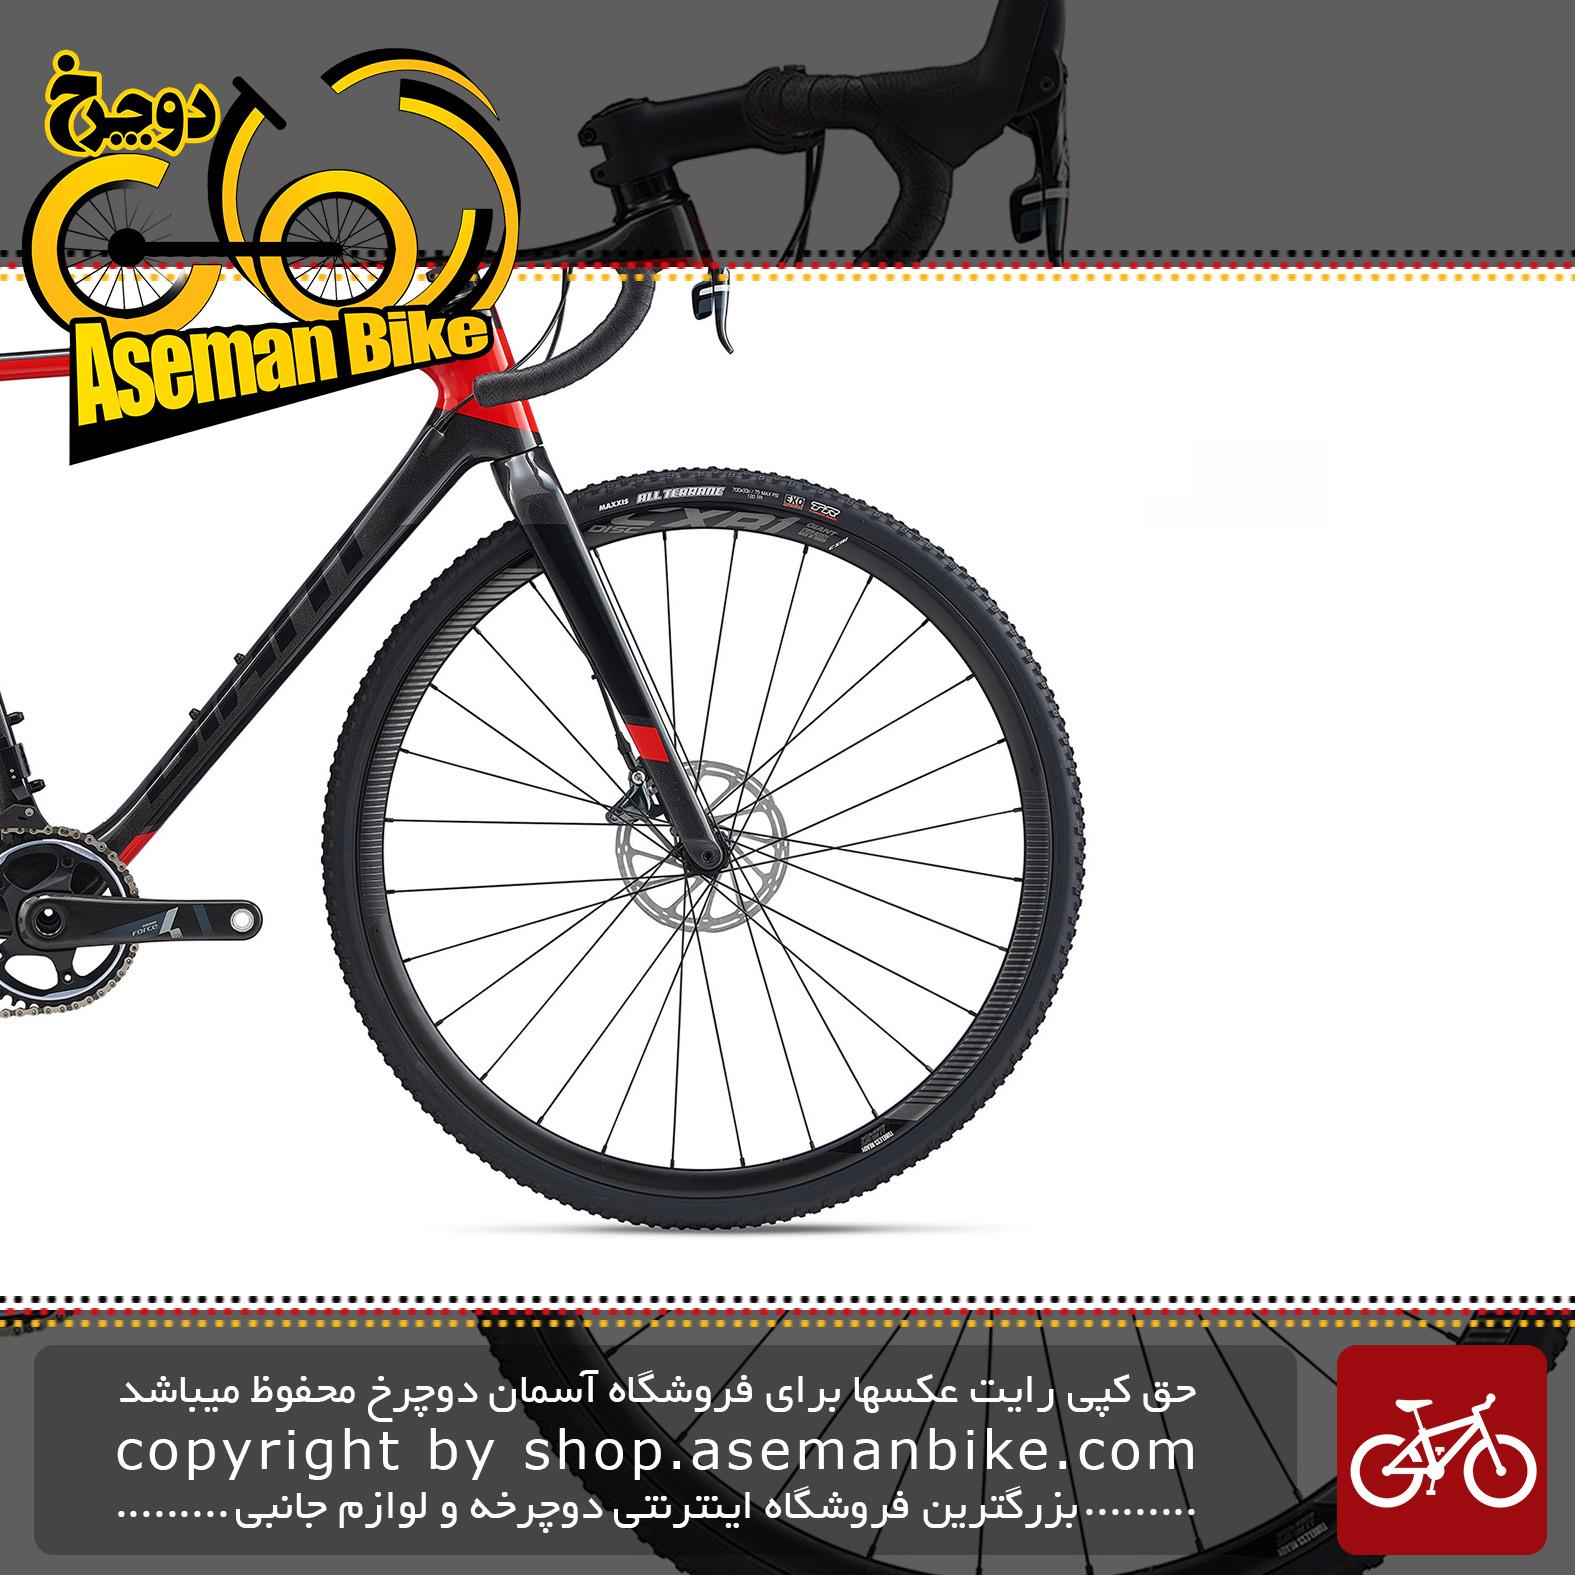 دوچرخه جاده کورسی جاینت مدل تی سی ایکس ادونس پرو 1 2020 Giant Onroad Bicycle TCX Advanced Pro 1 2020